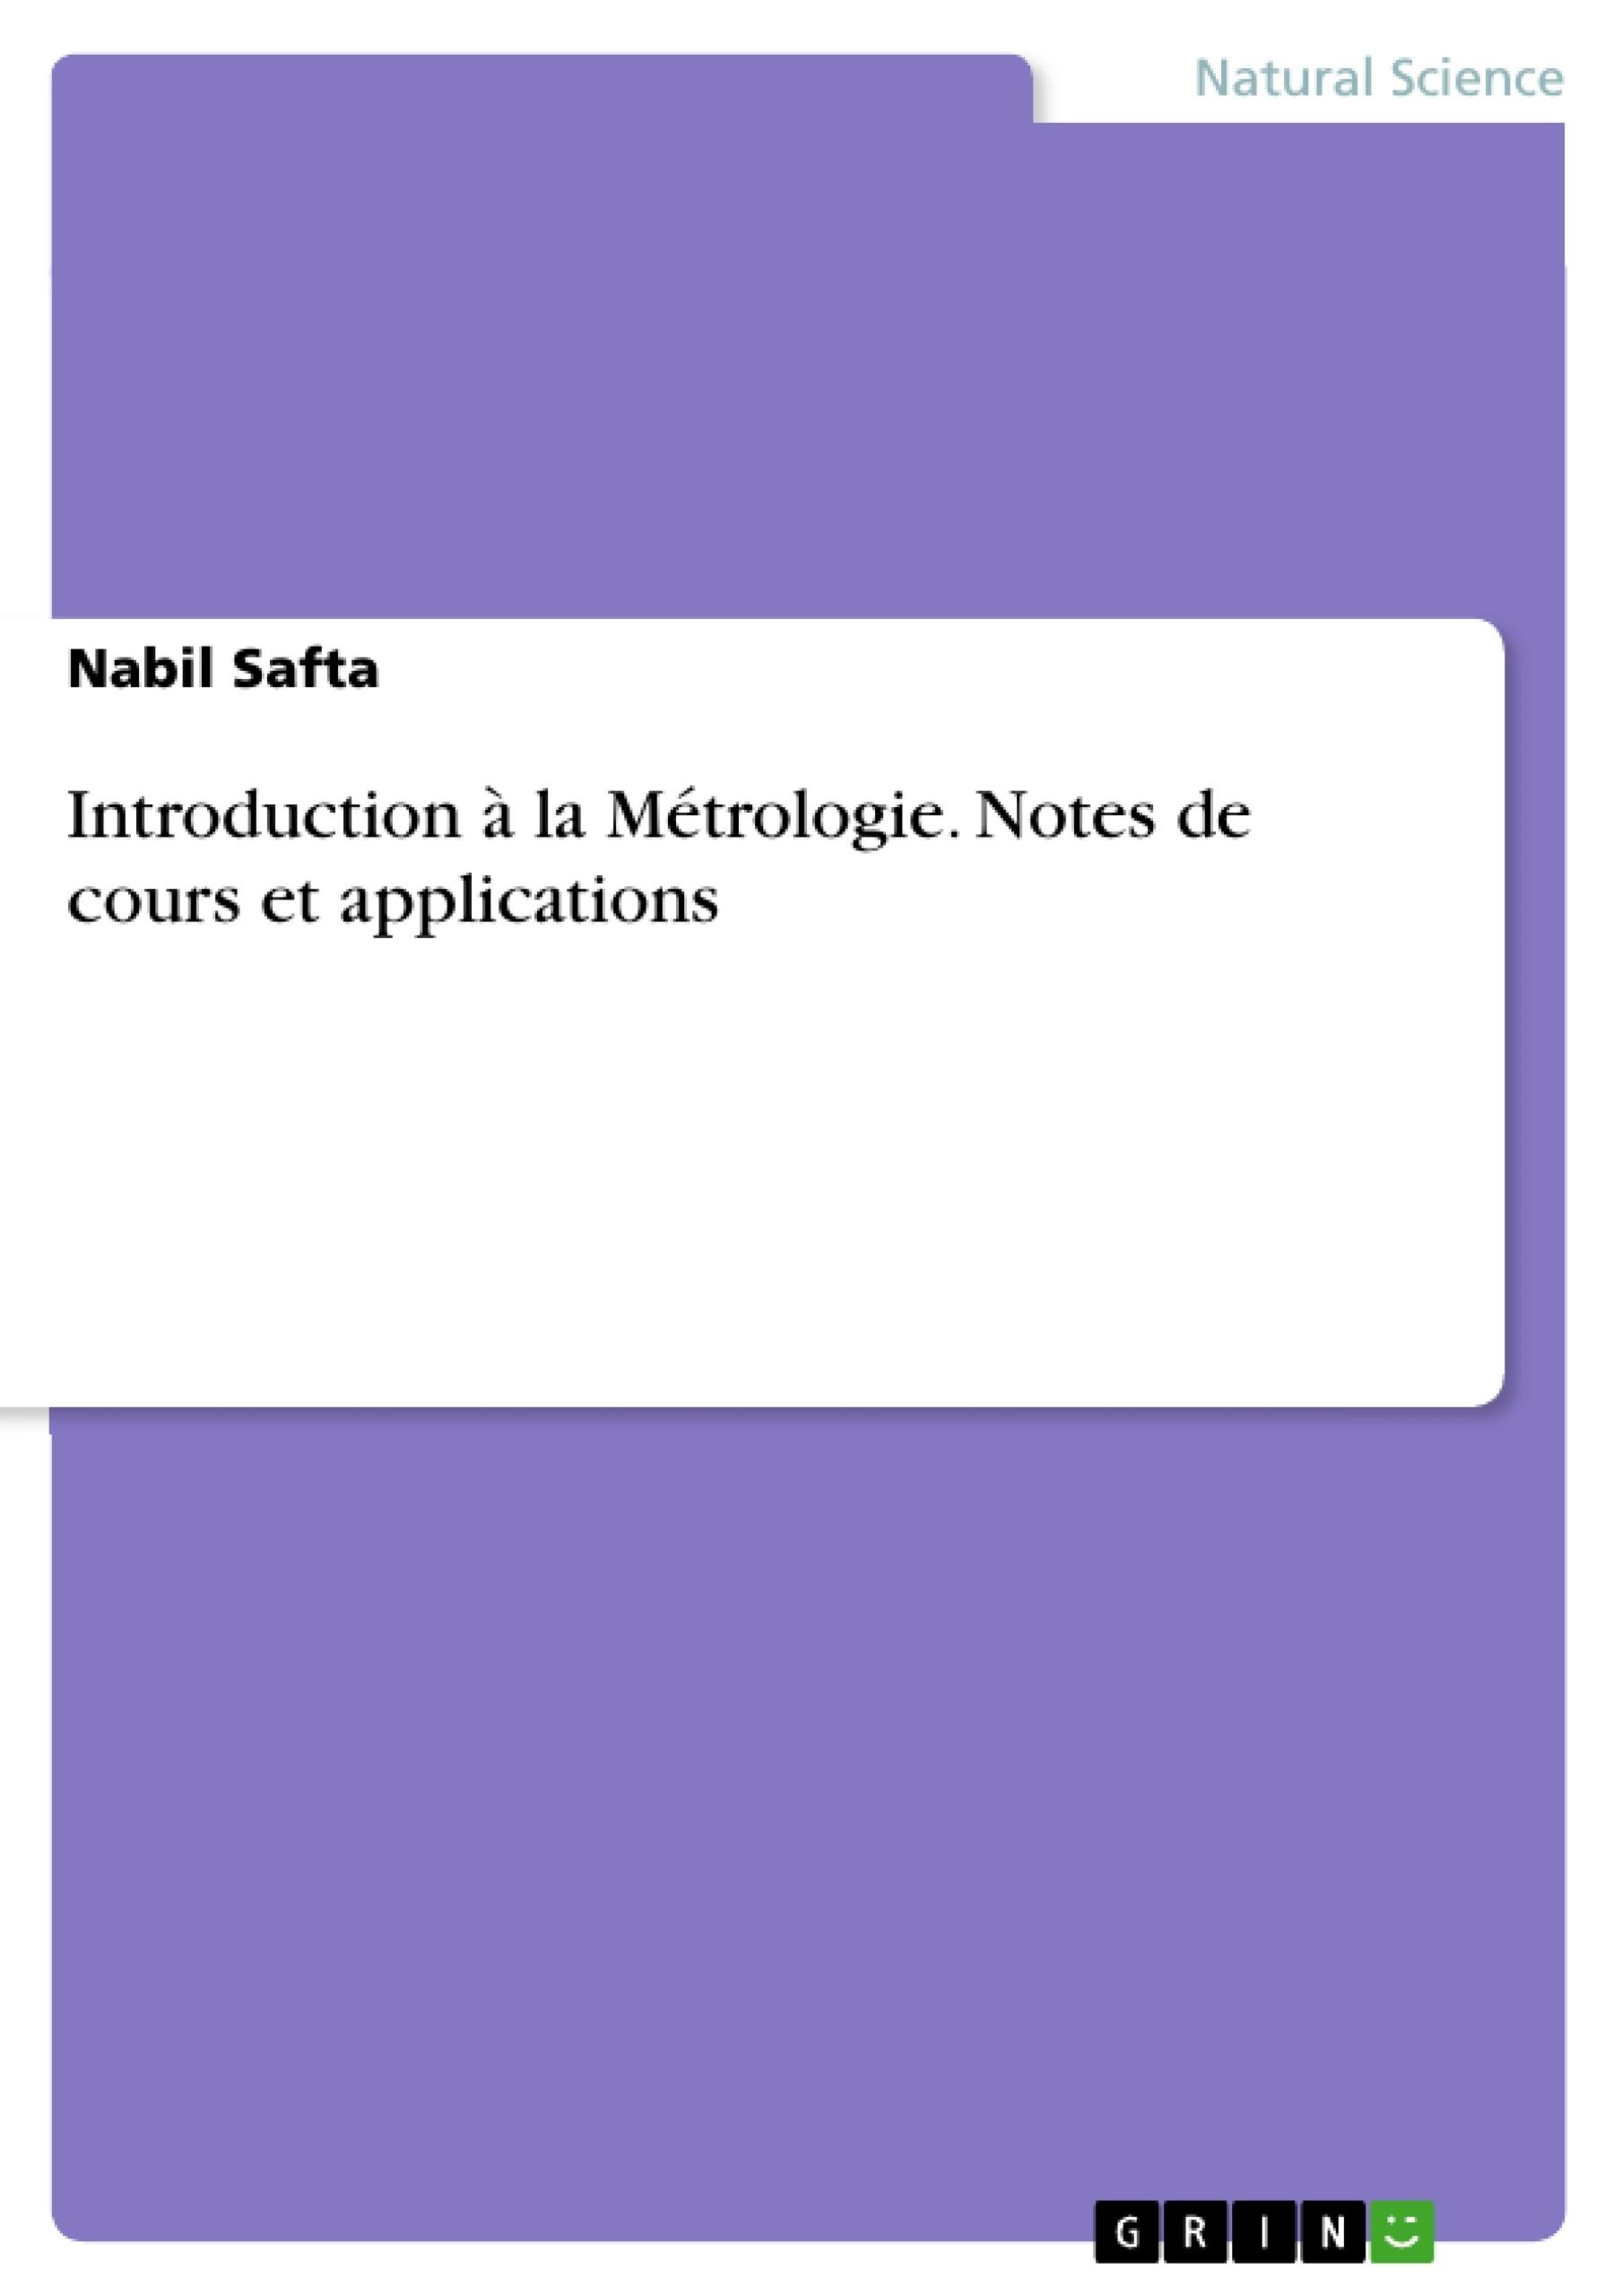 Titre: Introduction à la Métrologie. Notes de cours et applications